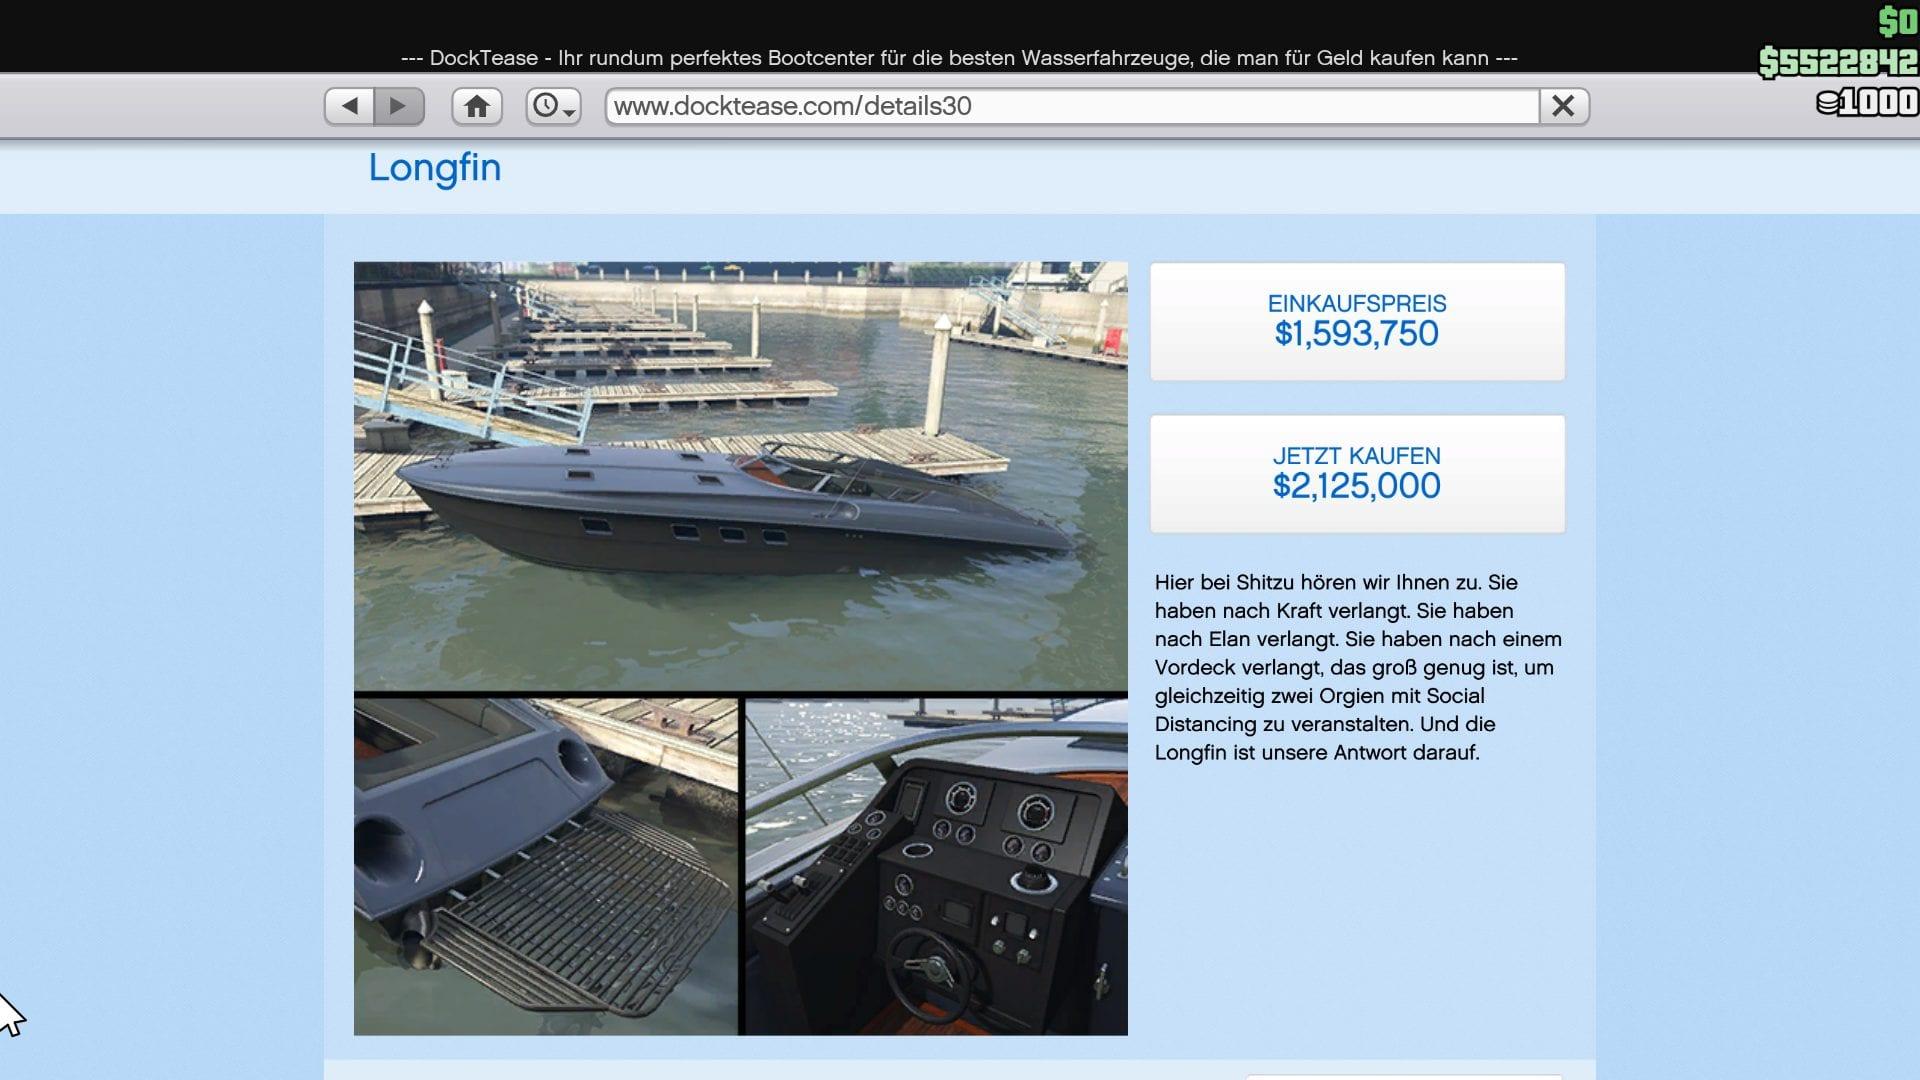 GTA Online - Longfin